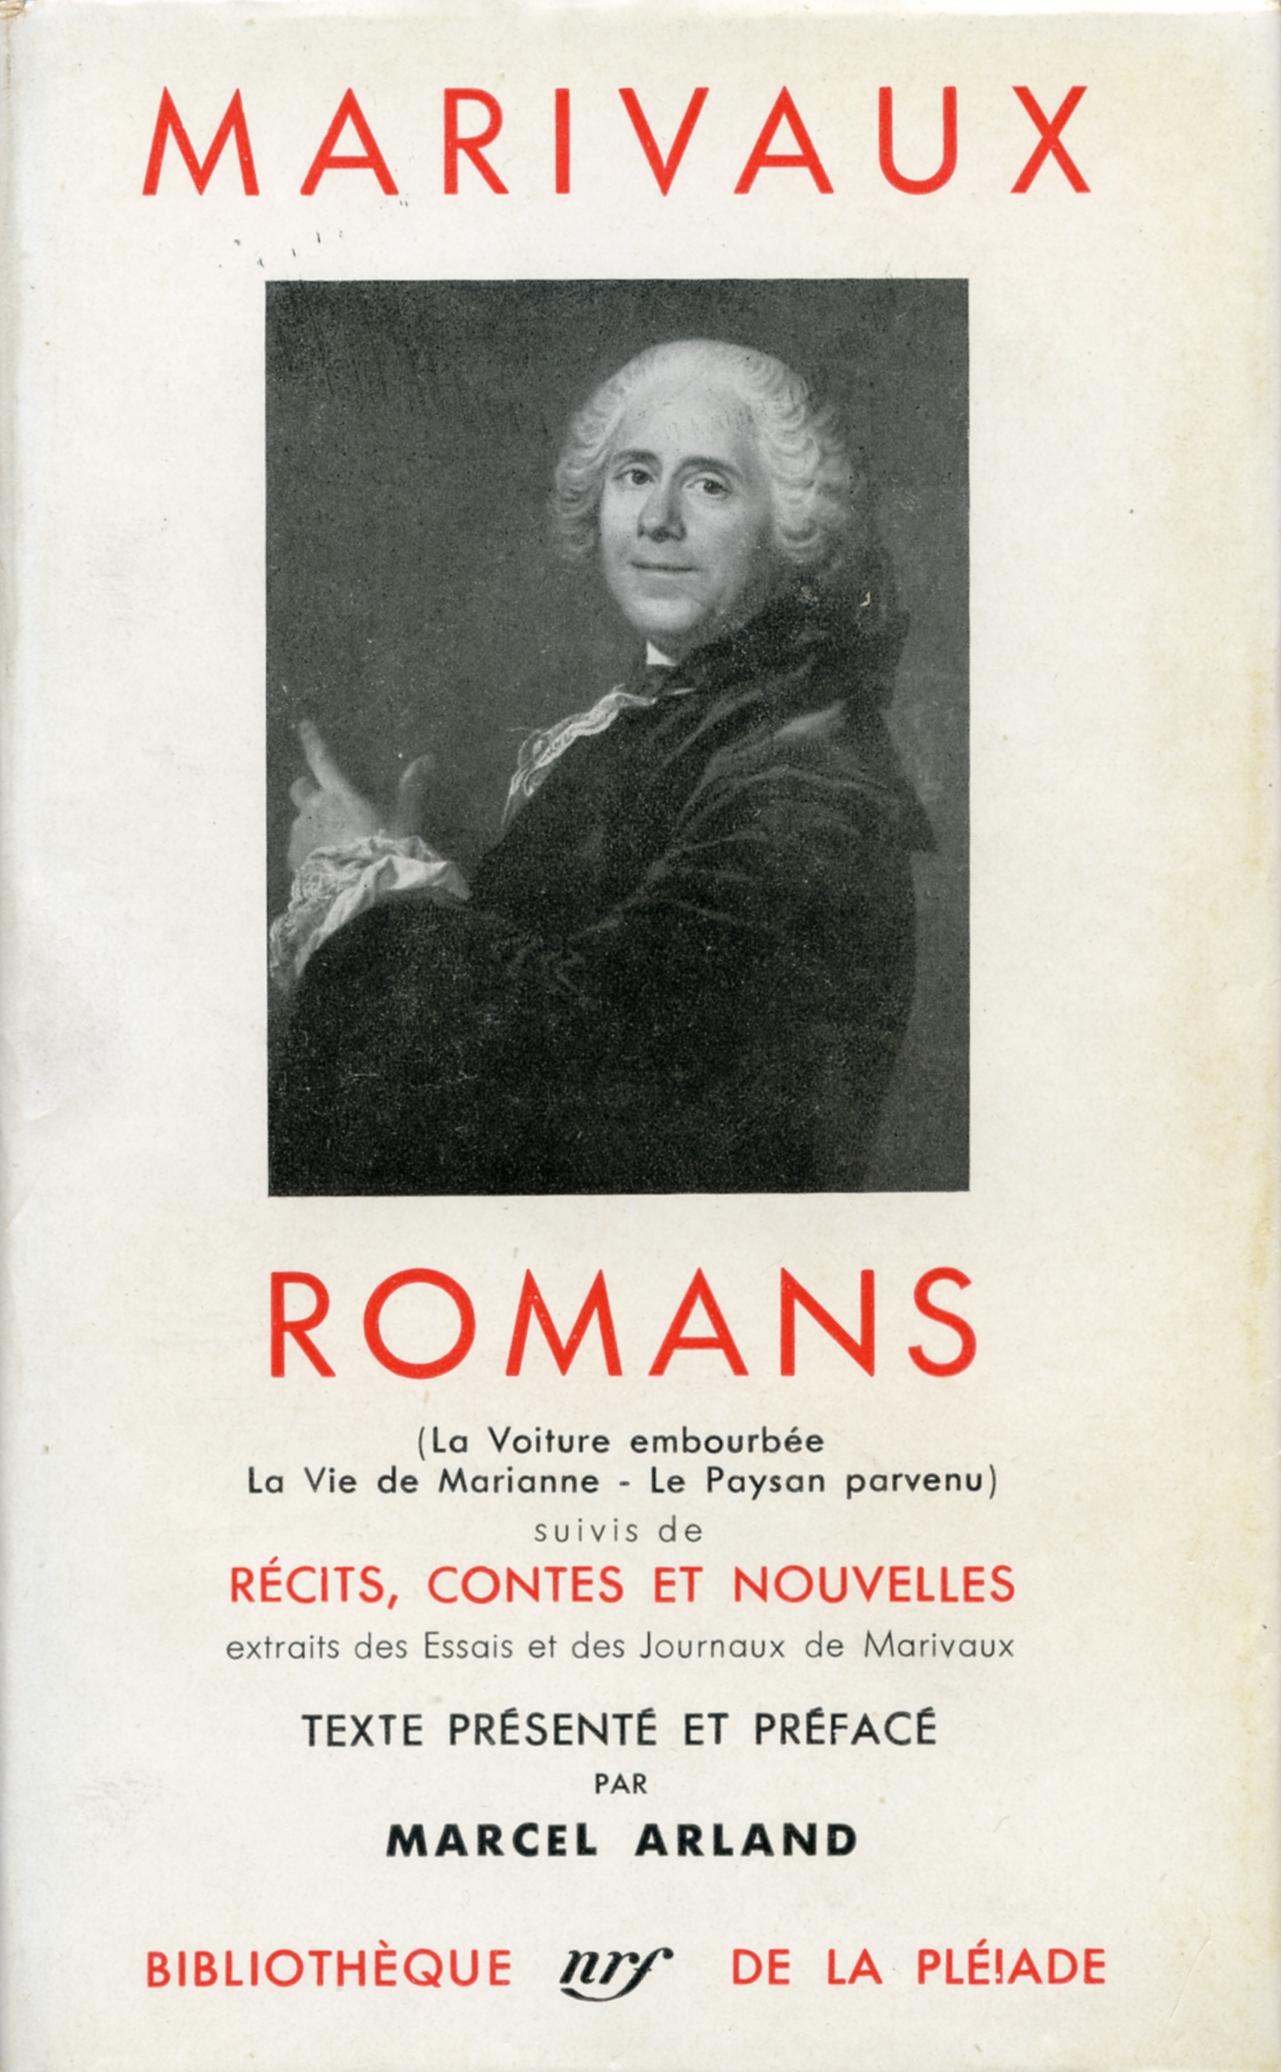 ROMANS / RECITS, CONTES ET NOUVELLES